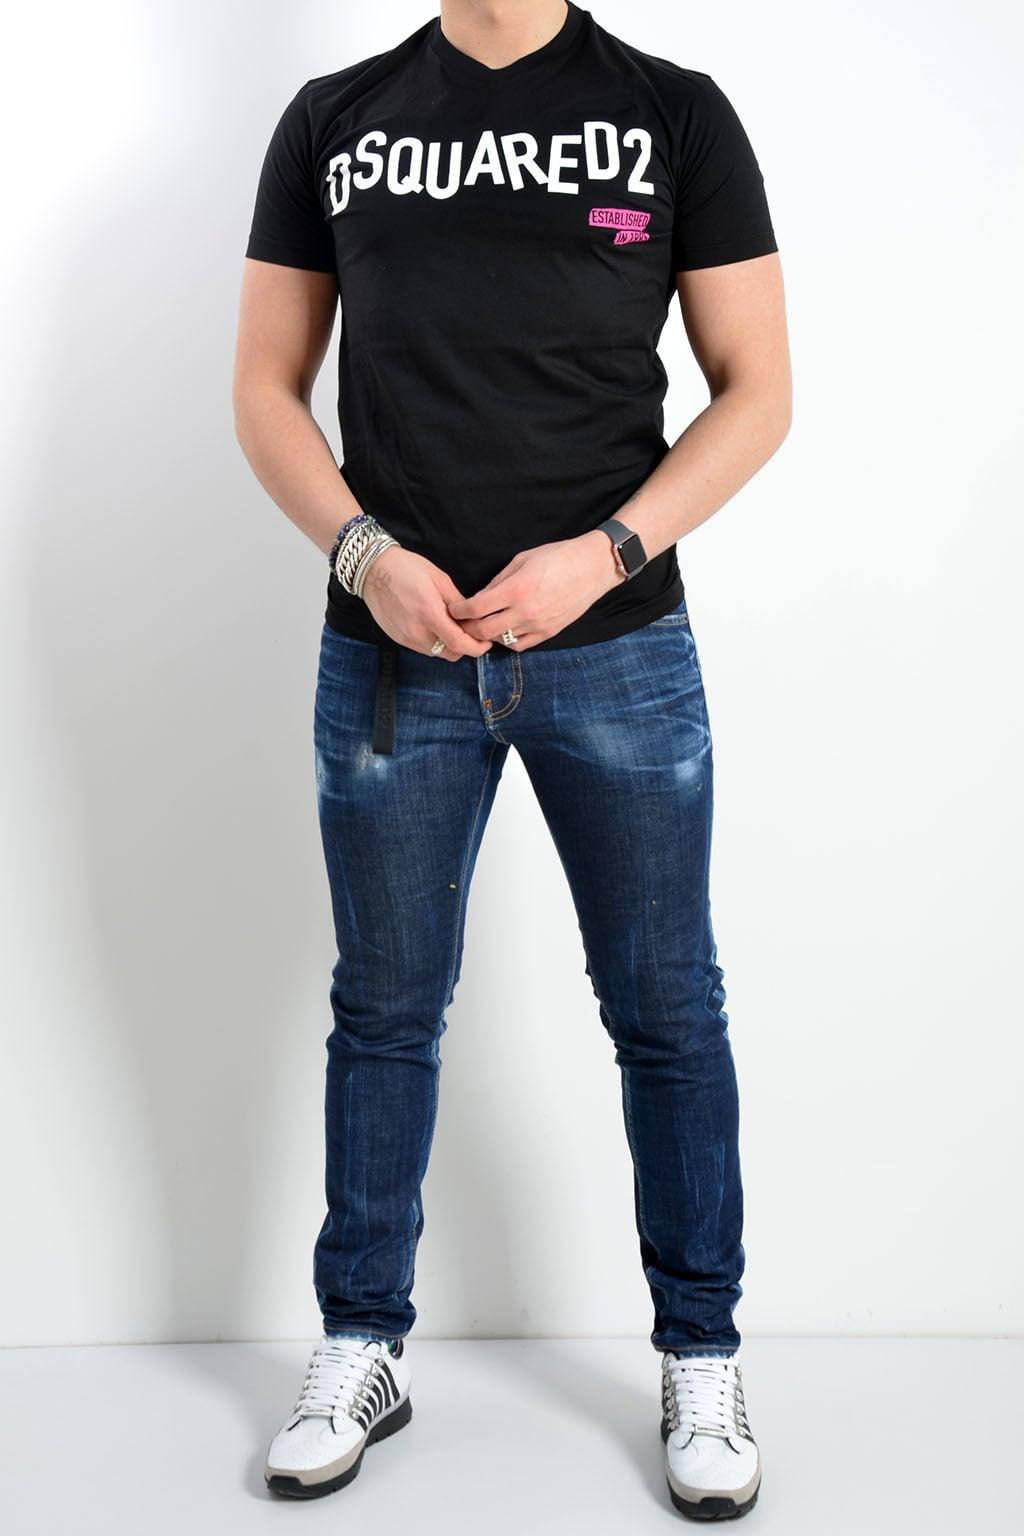 Logo Online Wit Dsquared Shirt Koop Zwart Je T Bij wIqw0xpCt5